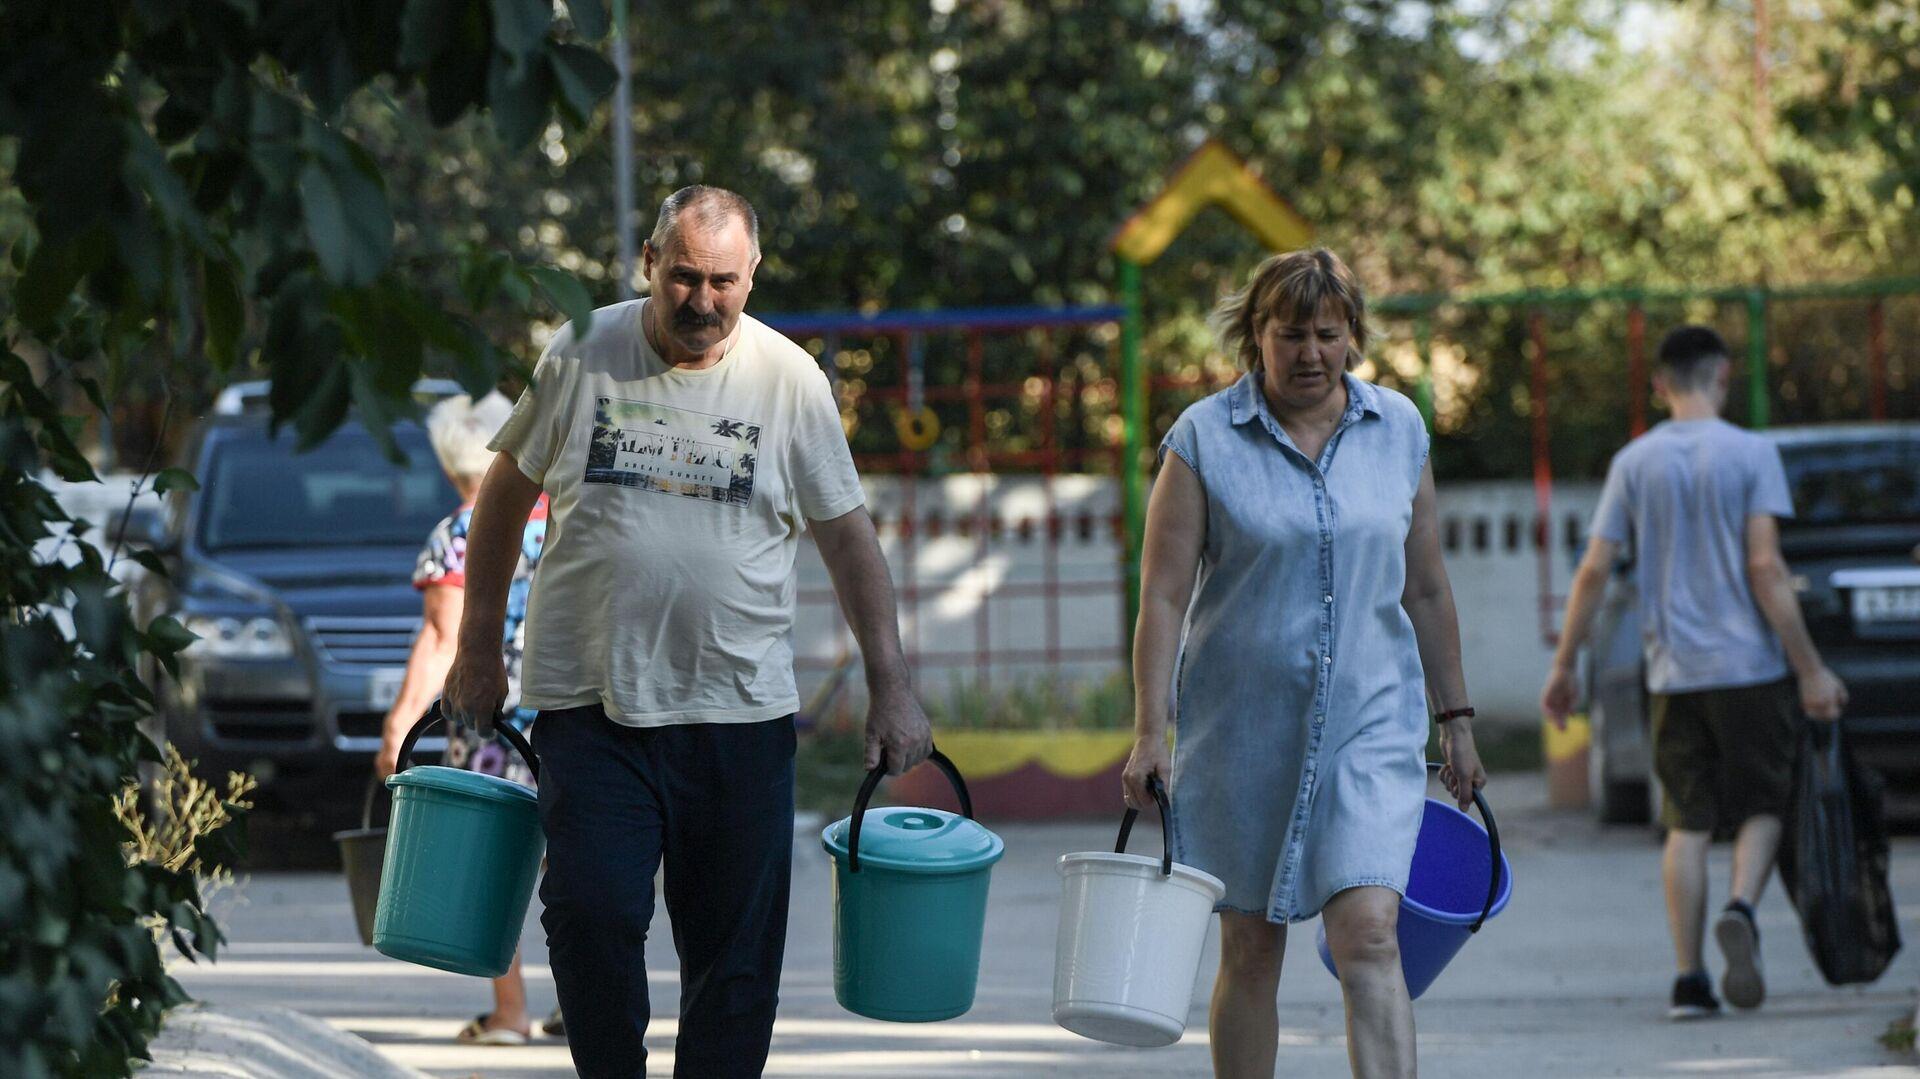 Жители Cимферополя идут чтобы набрать в емкости питьевую воду, привезенную в цистернах - РИА Новости, 1920, 02.11.2020